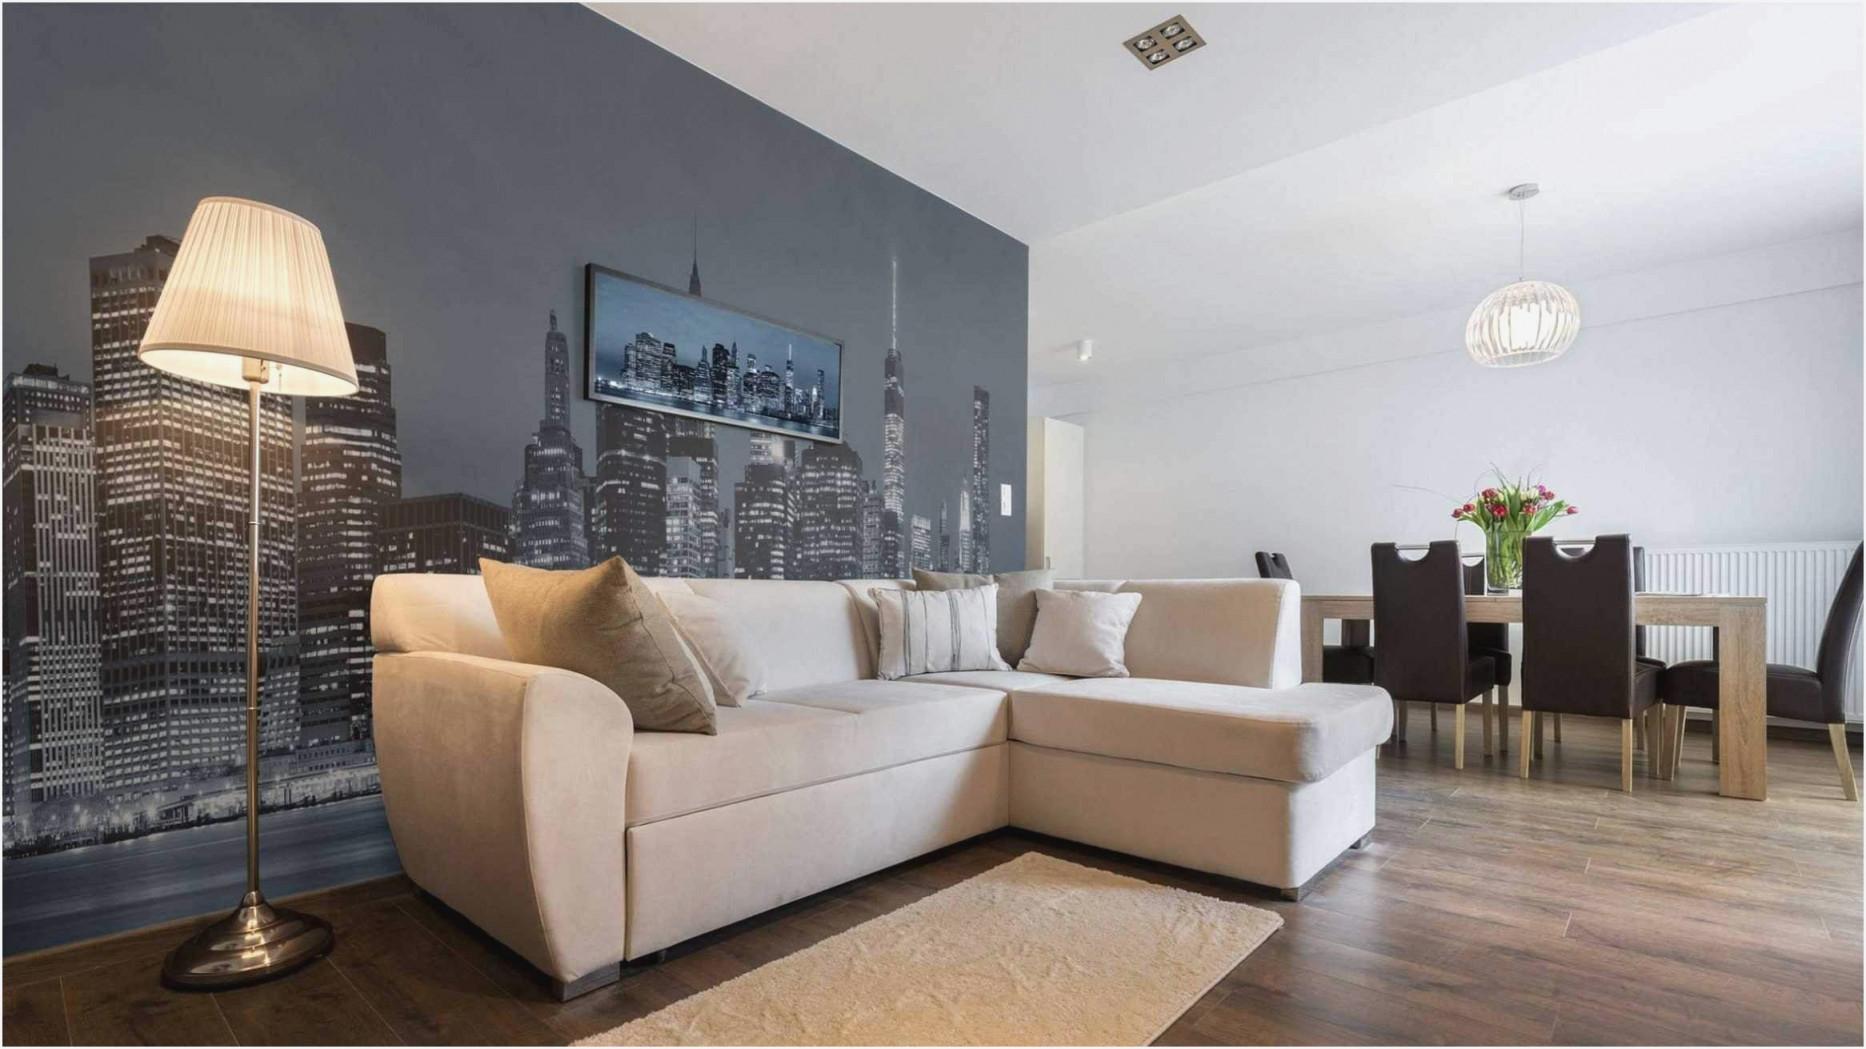 Wandgestaltung Wohnzimmer Beispiele – Caseconrad von Ideen Wohnzimmer Wandgestaltung Photo